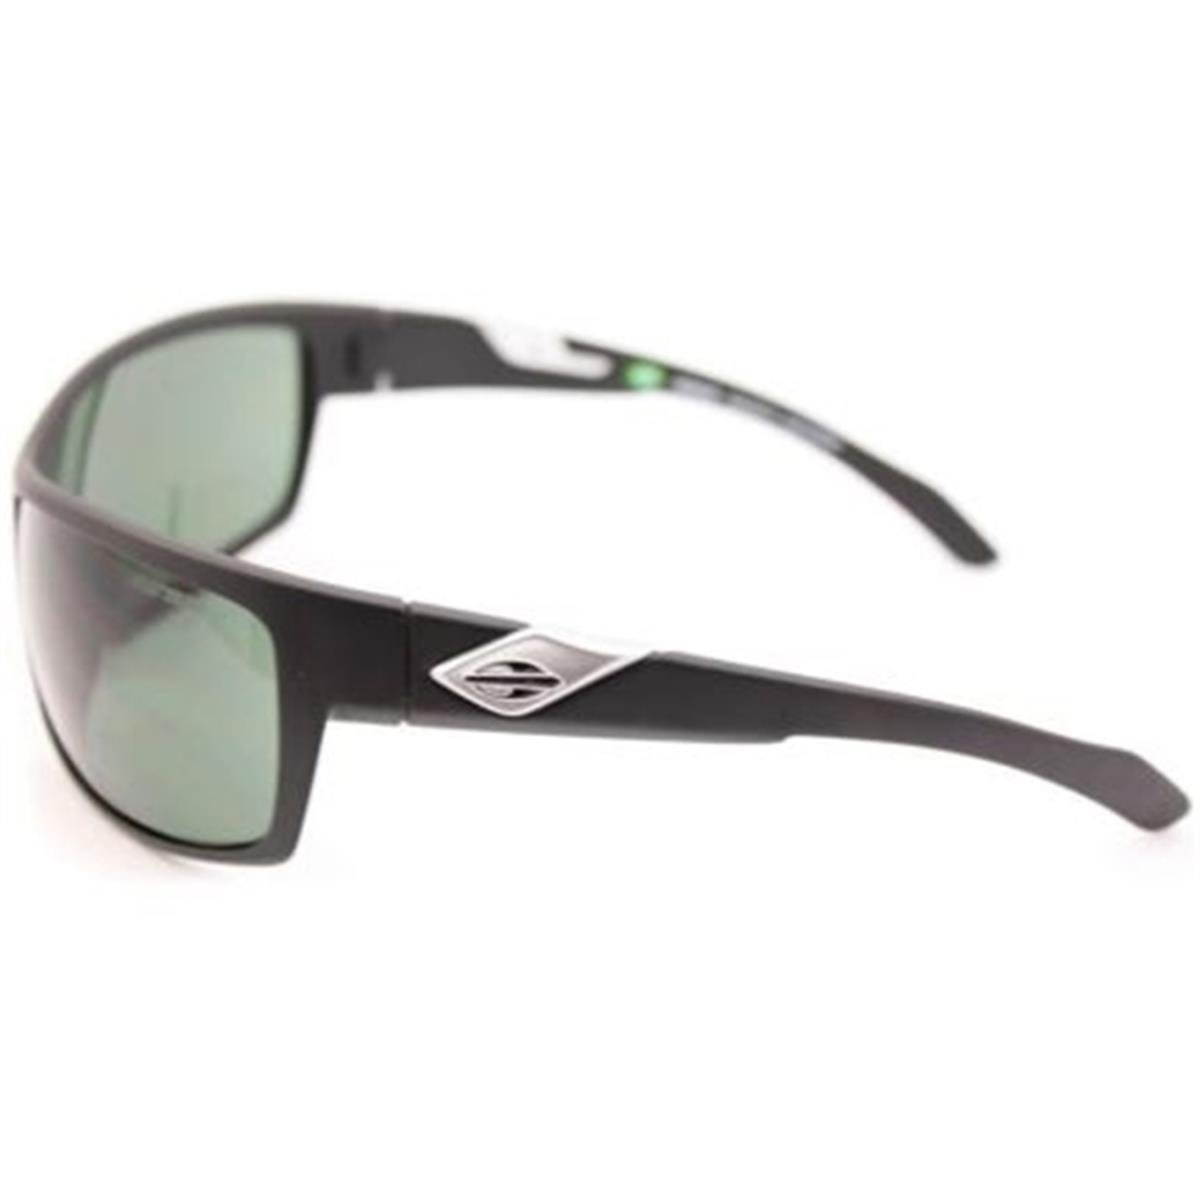 a42b7d2da Óculos de Sol Preto Fosco Lente Verde JOACA Mormaii